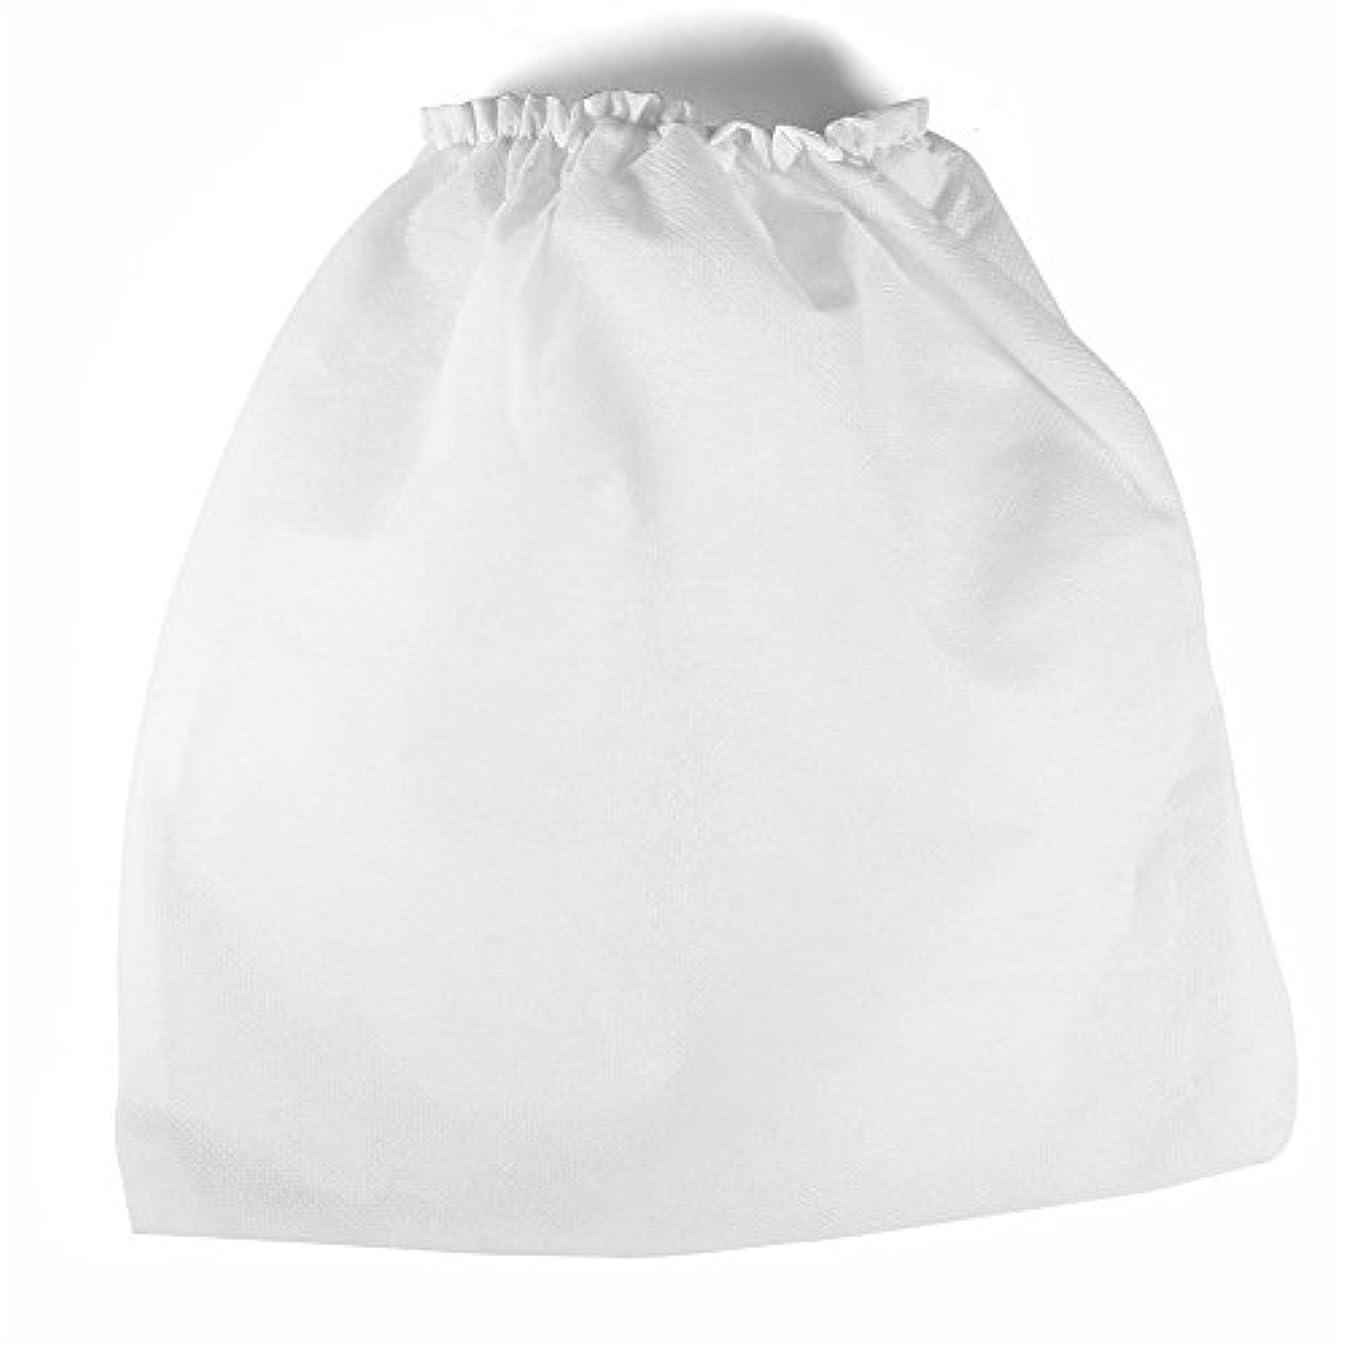 リング贅沢伝導率ネイル不織布掃除機 ストコレクター ネイルのほこりを吸って 収集袋10枚